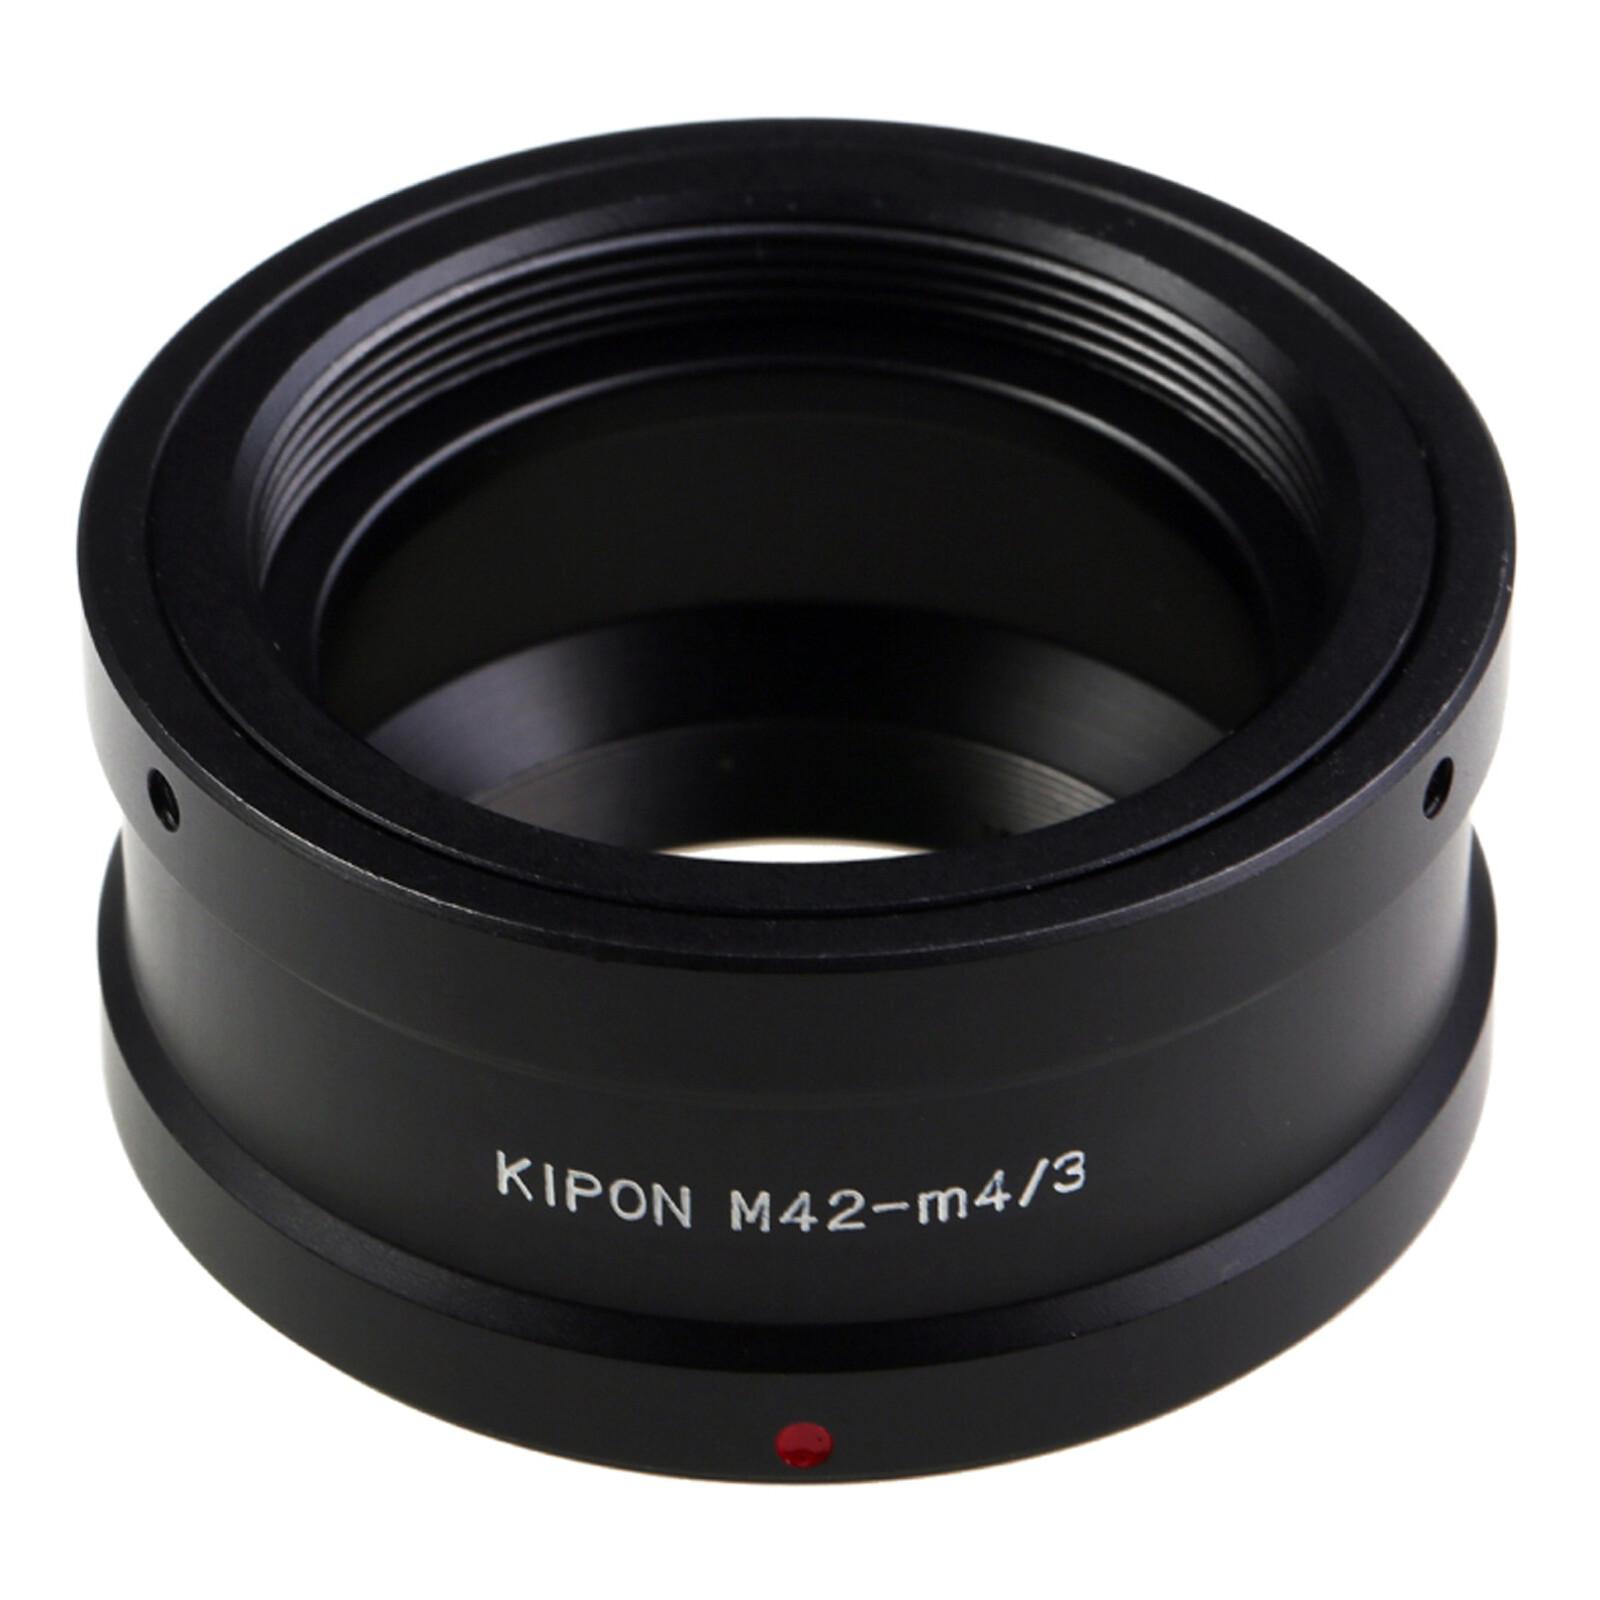 Kipon Adapter für M42 auf MFT